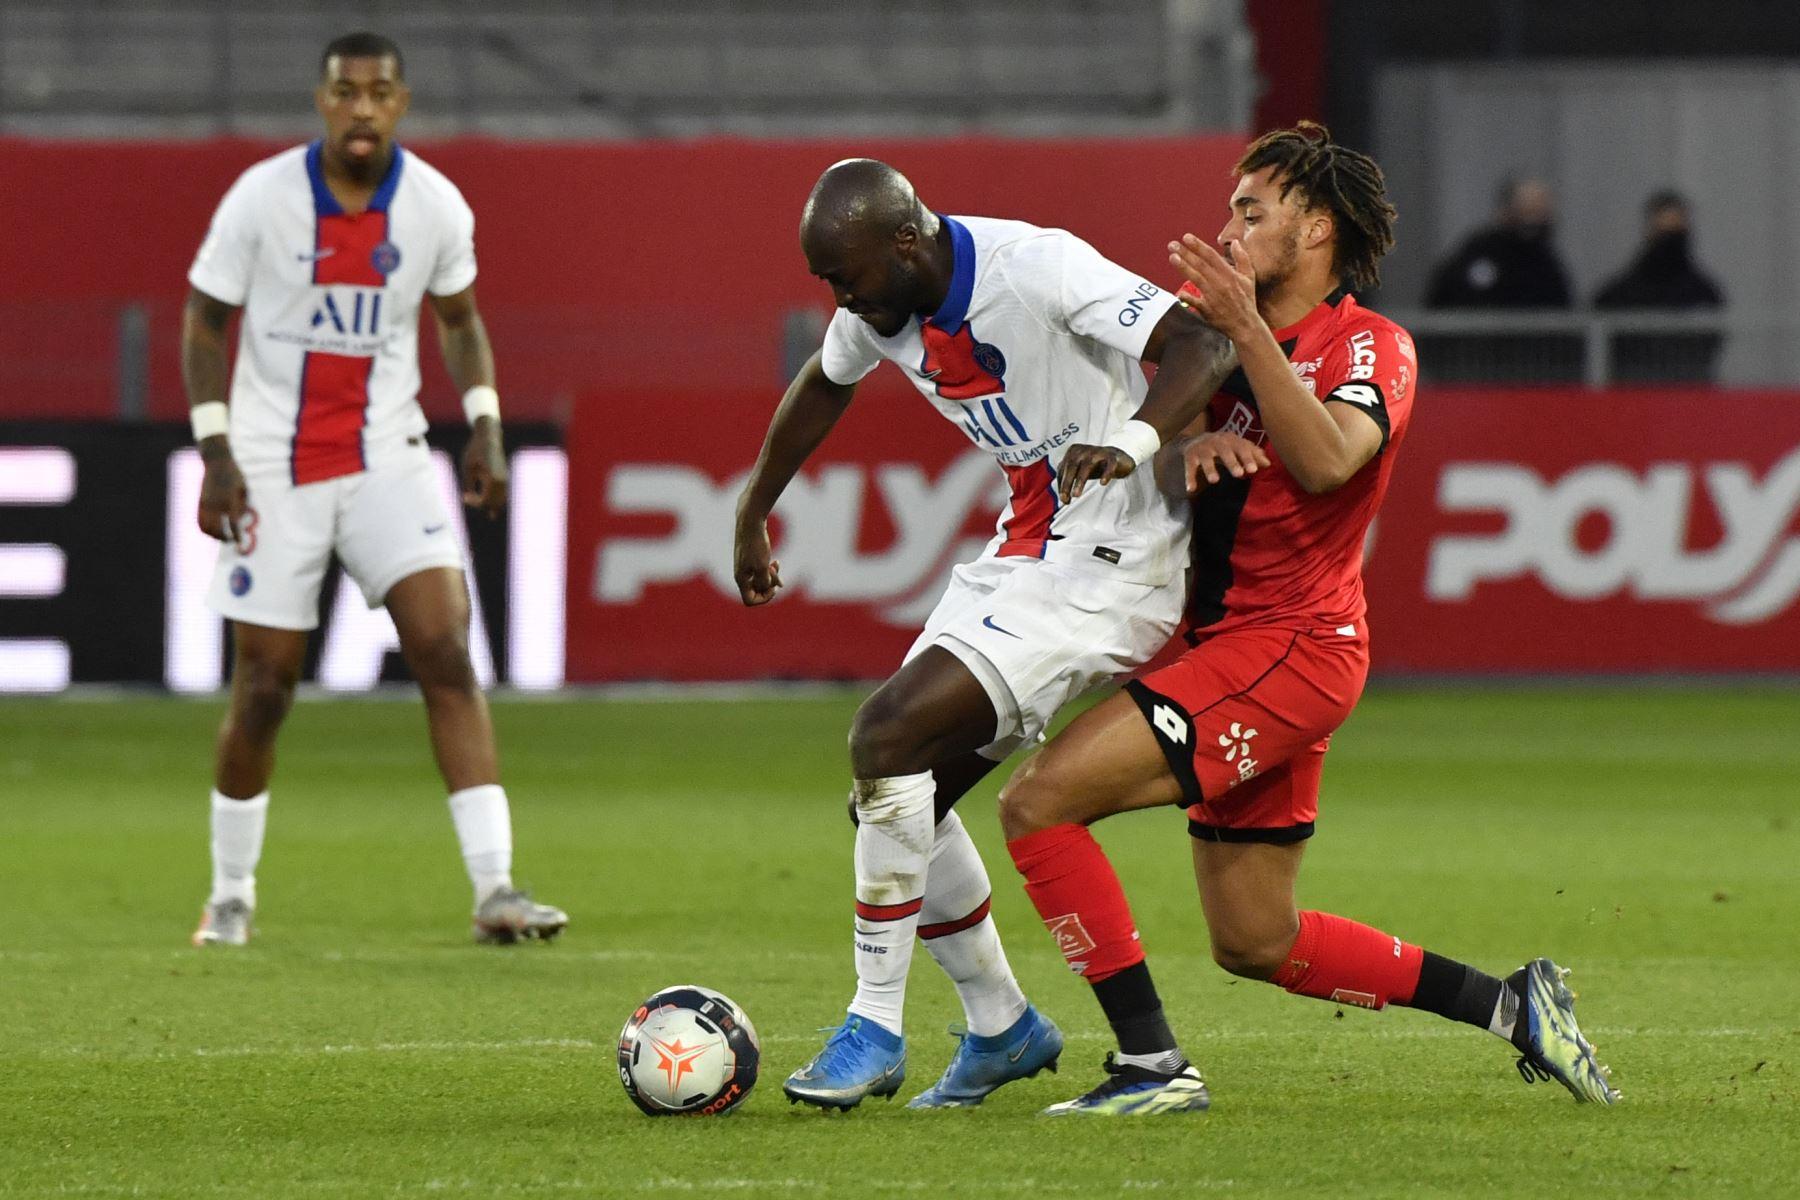 El centrocampista portugués del Paris Saint-Germain Danilo Pereira compite por el balón con el defensor francés de Dijon Sacha Boey durante el partido de fútbol L1 francés entre Dijon (DFCO) y Paris Saint-Germain (PSG). Foto: AFP